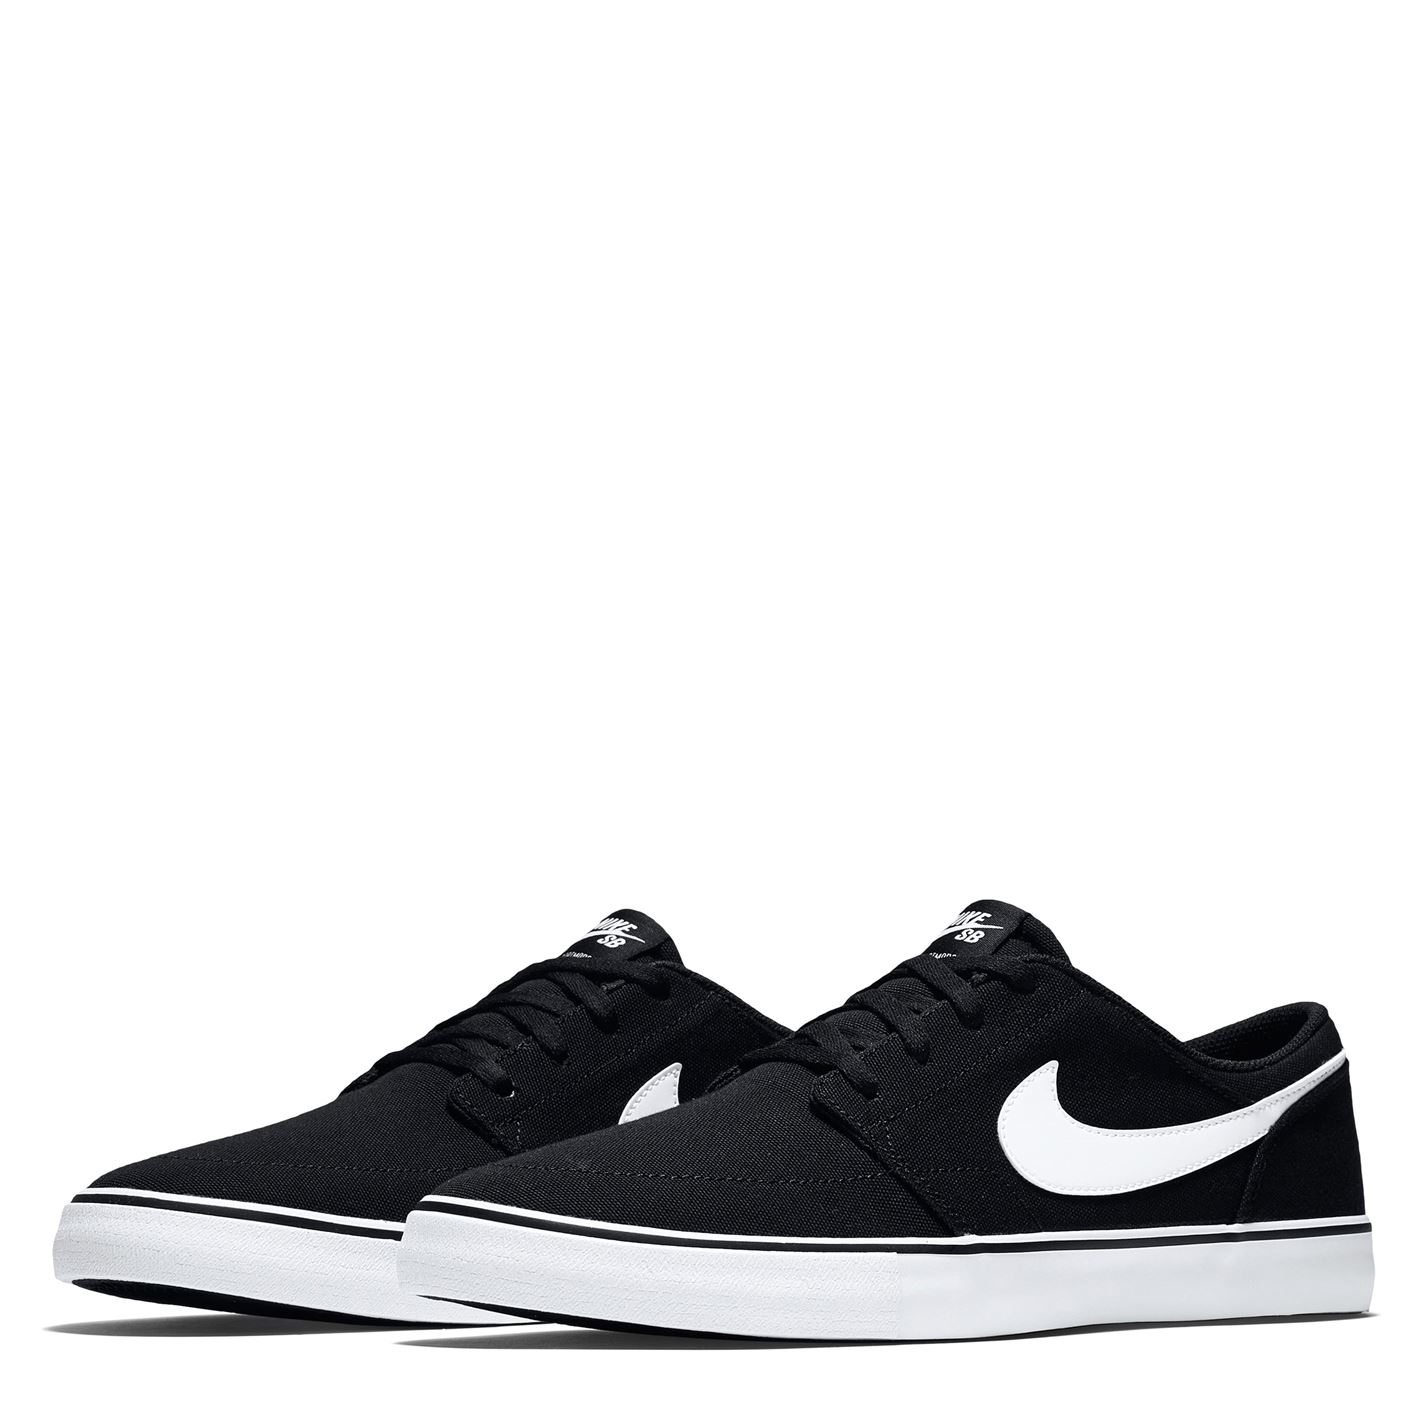 Nike SB Solarsoft Portmore 2 Skate Pánská obuv 24201540 9 (44)